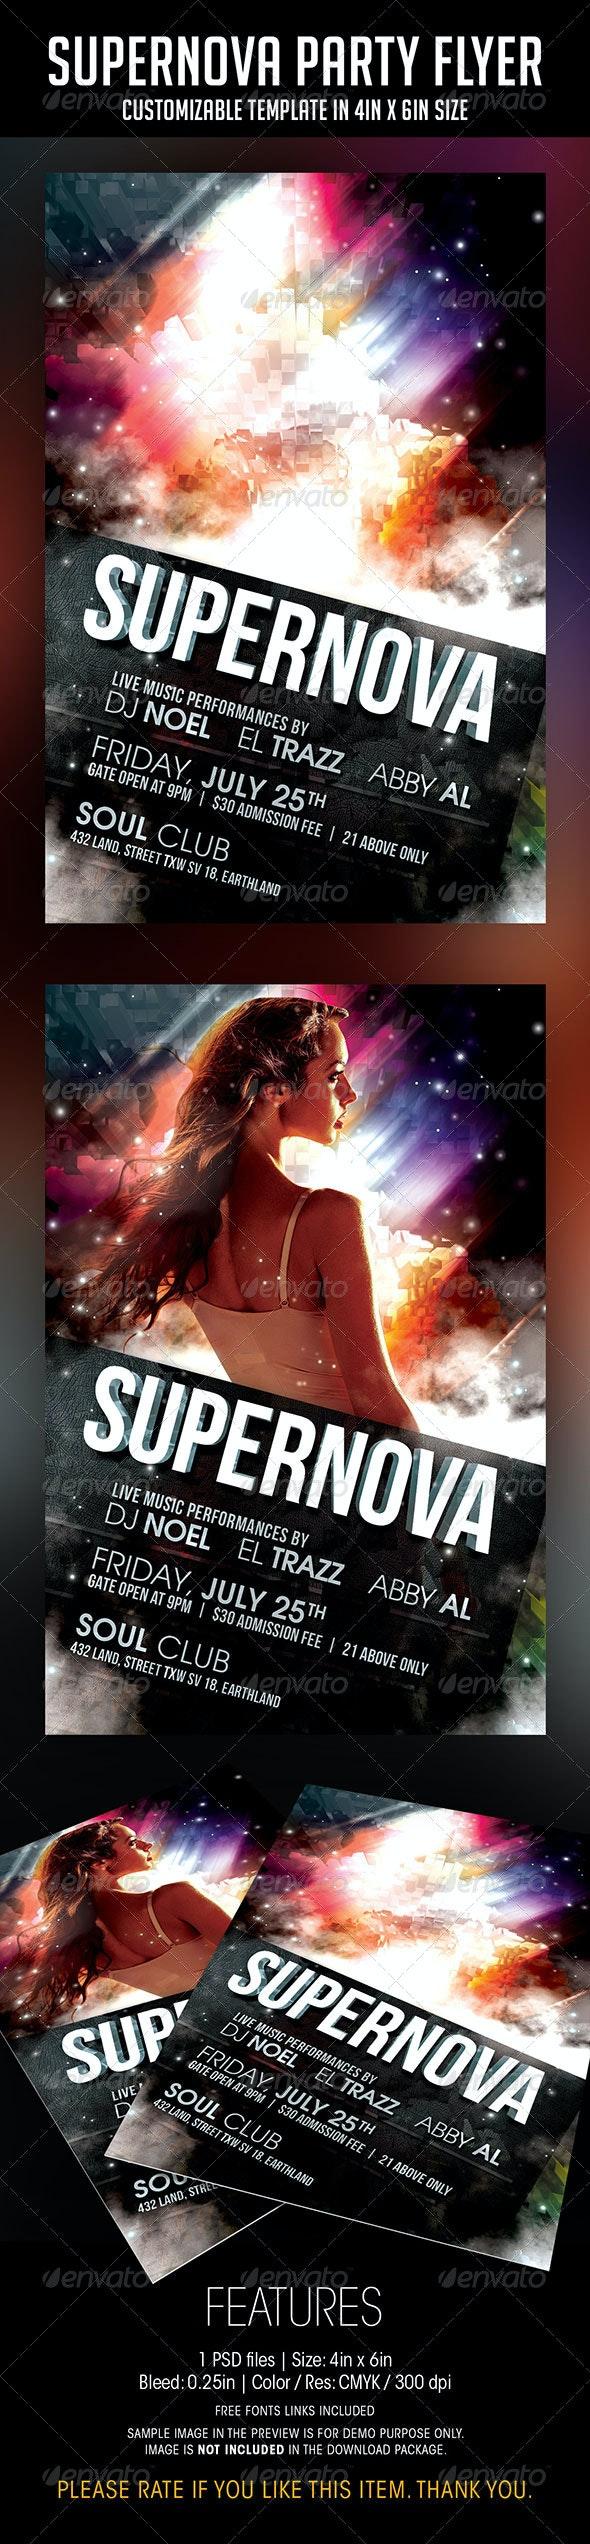 Supernova Party Flyer - Events Flyers